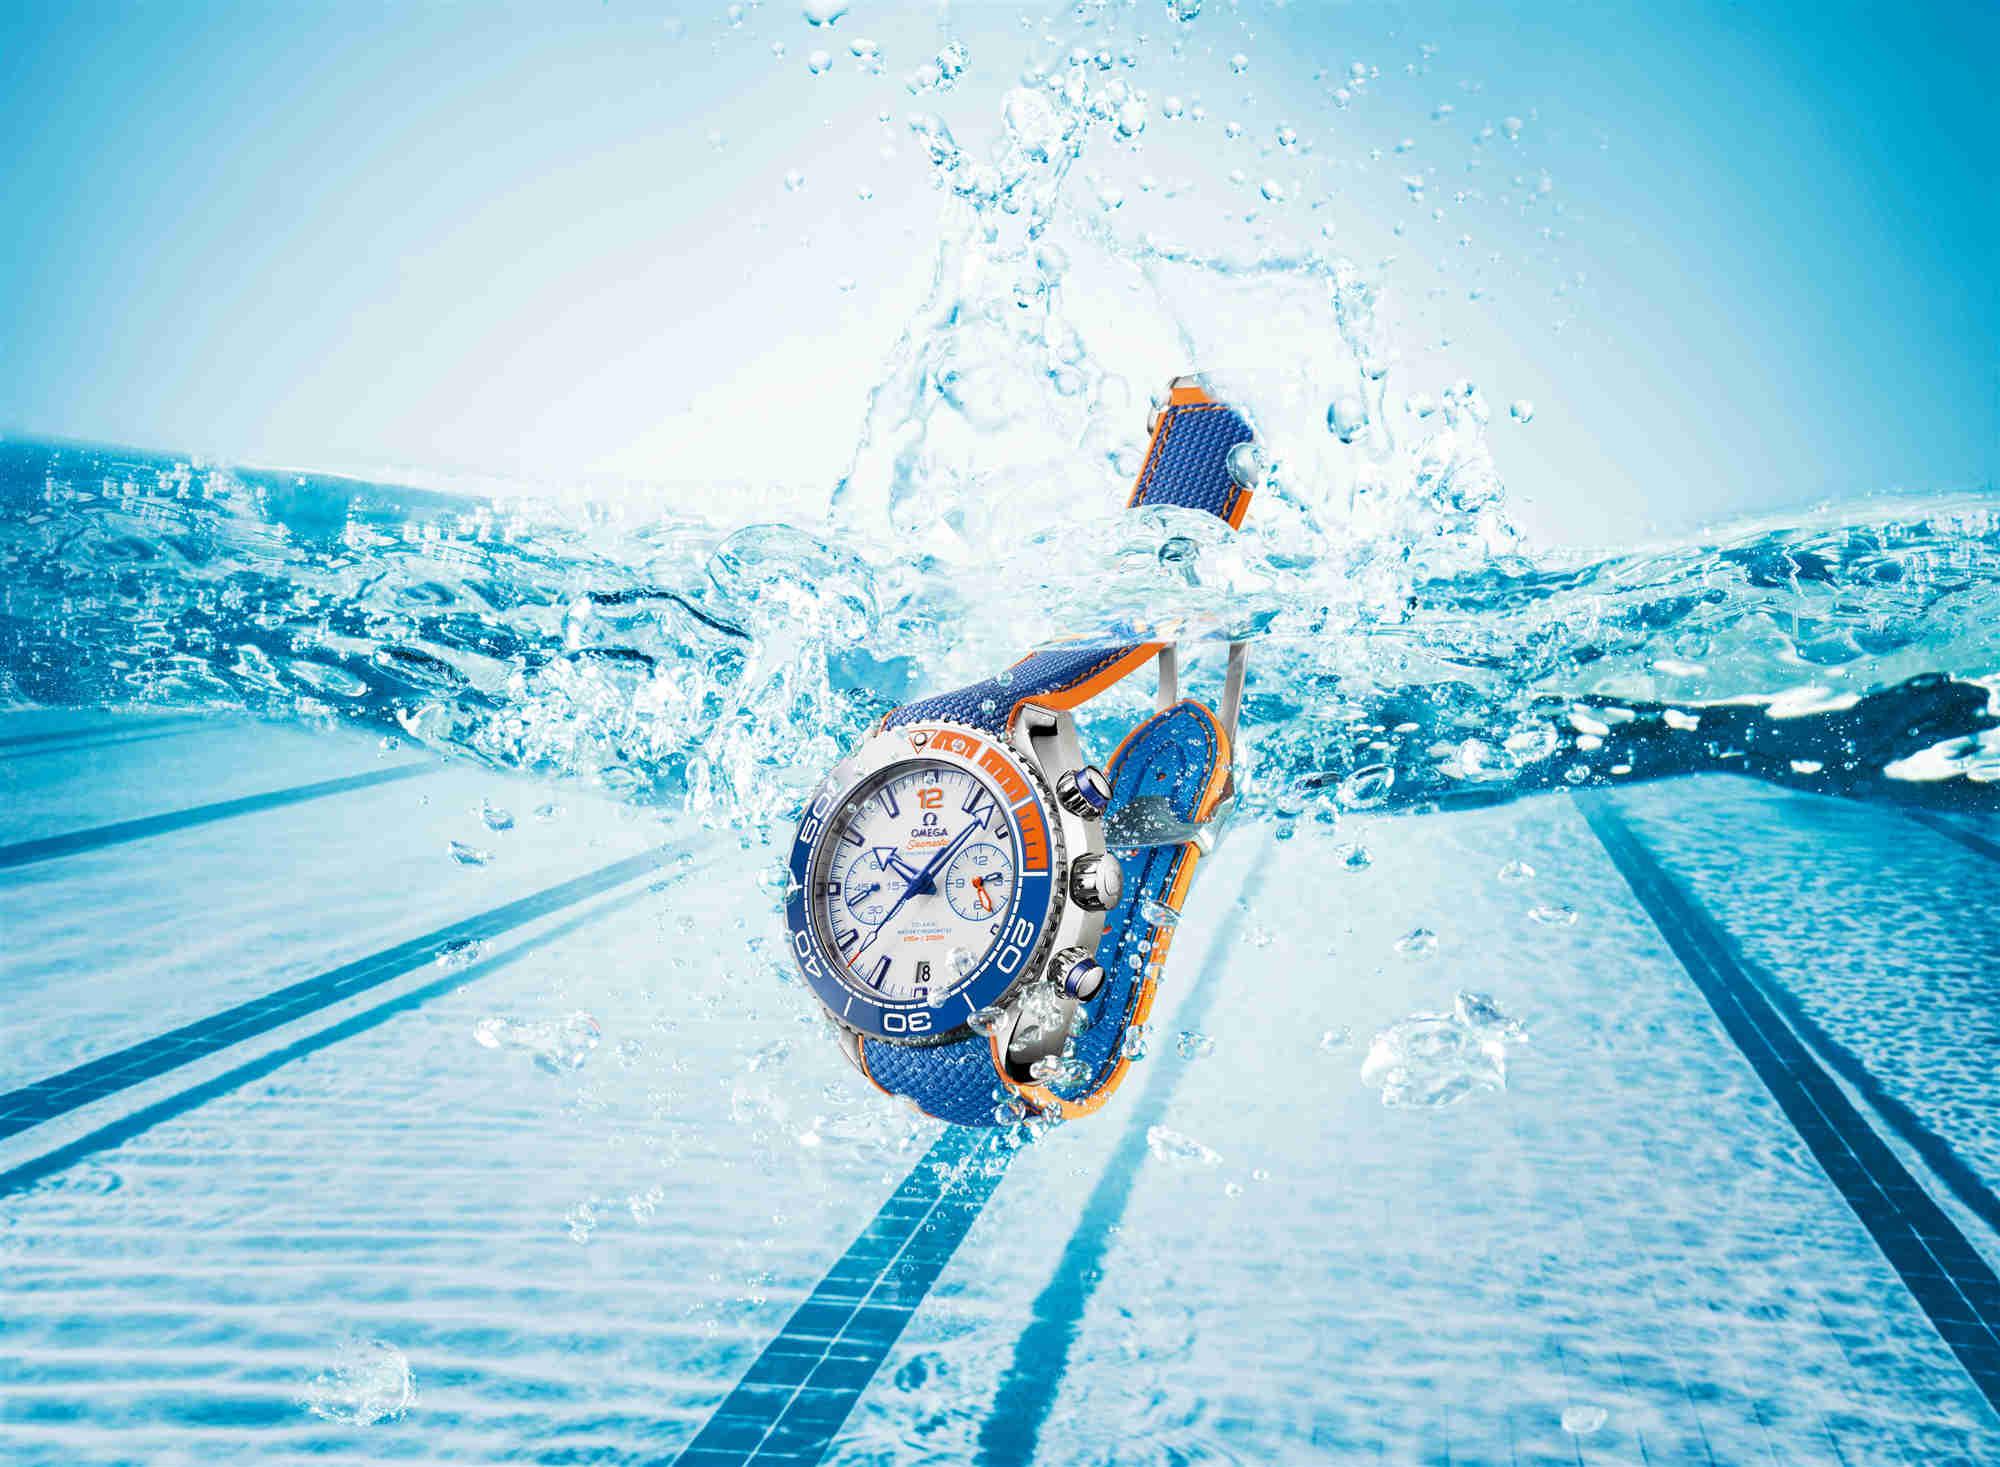 决胜泳池的千万分之一秒—欧米茄为2018年第14届国际泳联世界游泳锦标赛 (25米) 精准计时